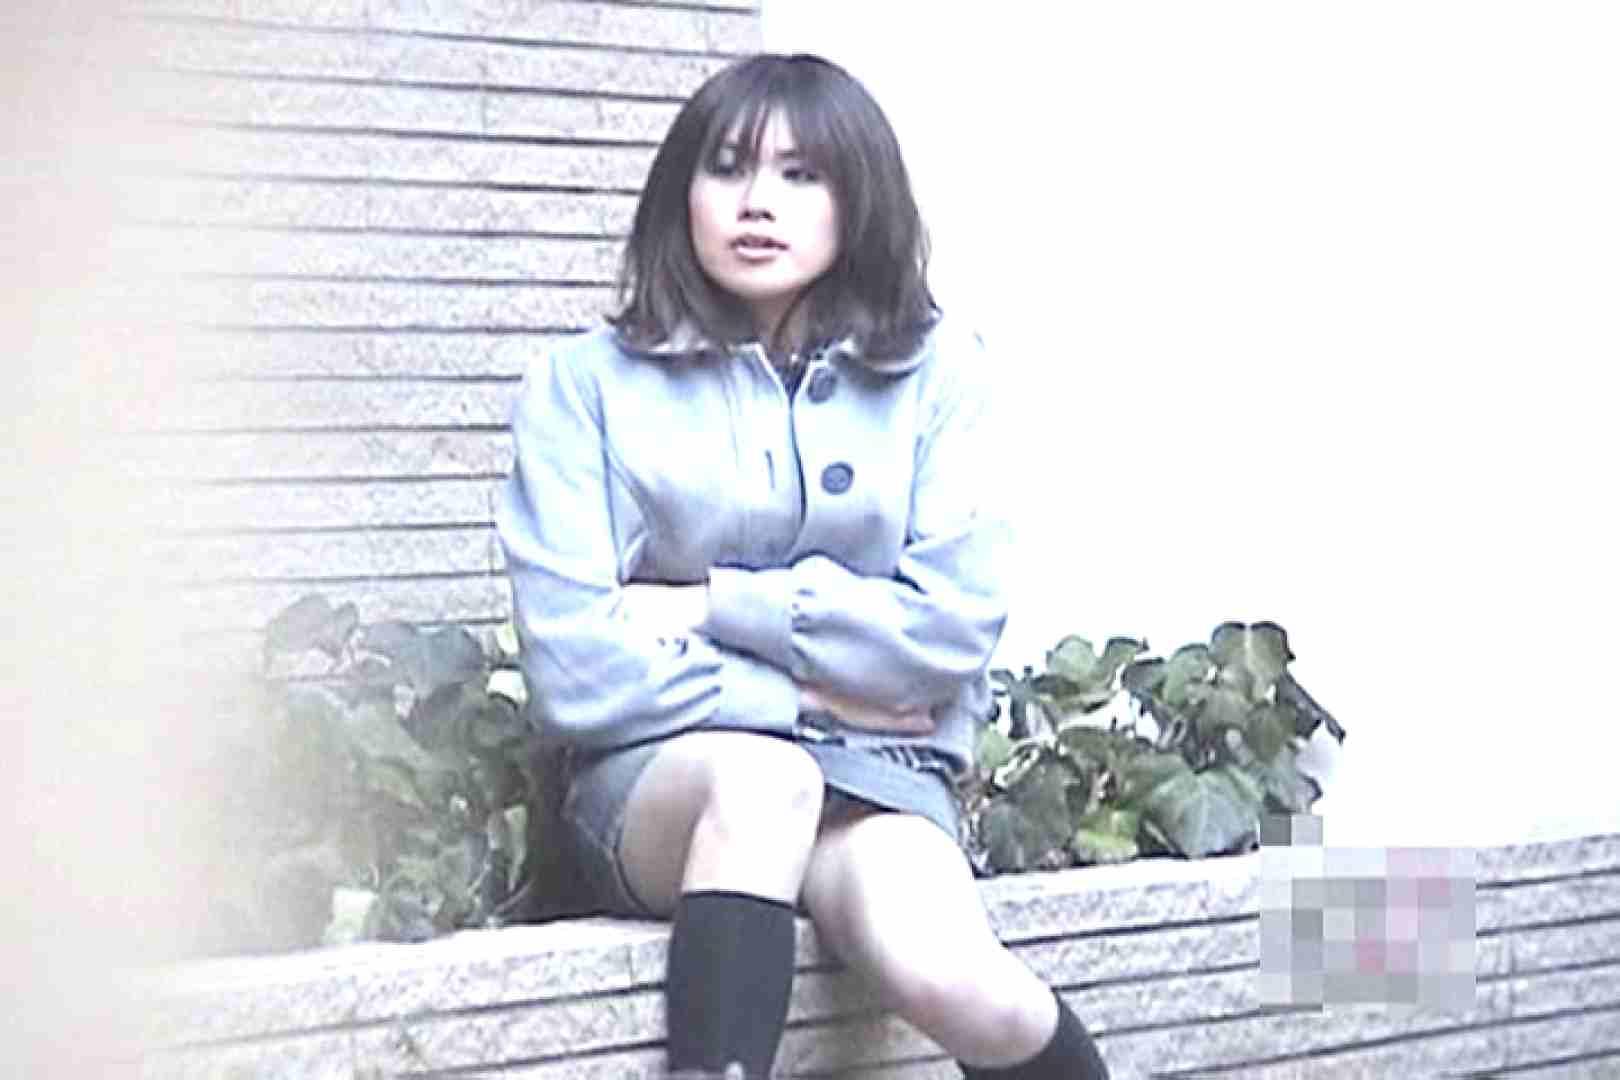 マンチラインパクトVol.6 チラ 女性器鑑賞 93画像 8